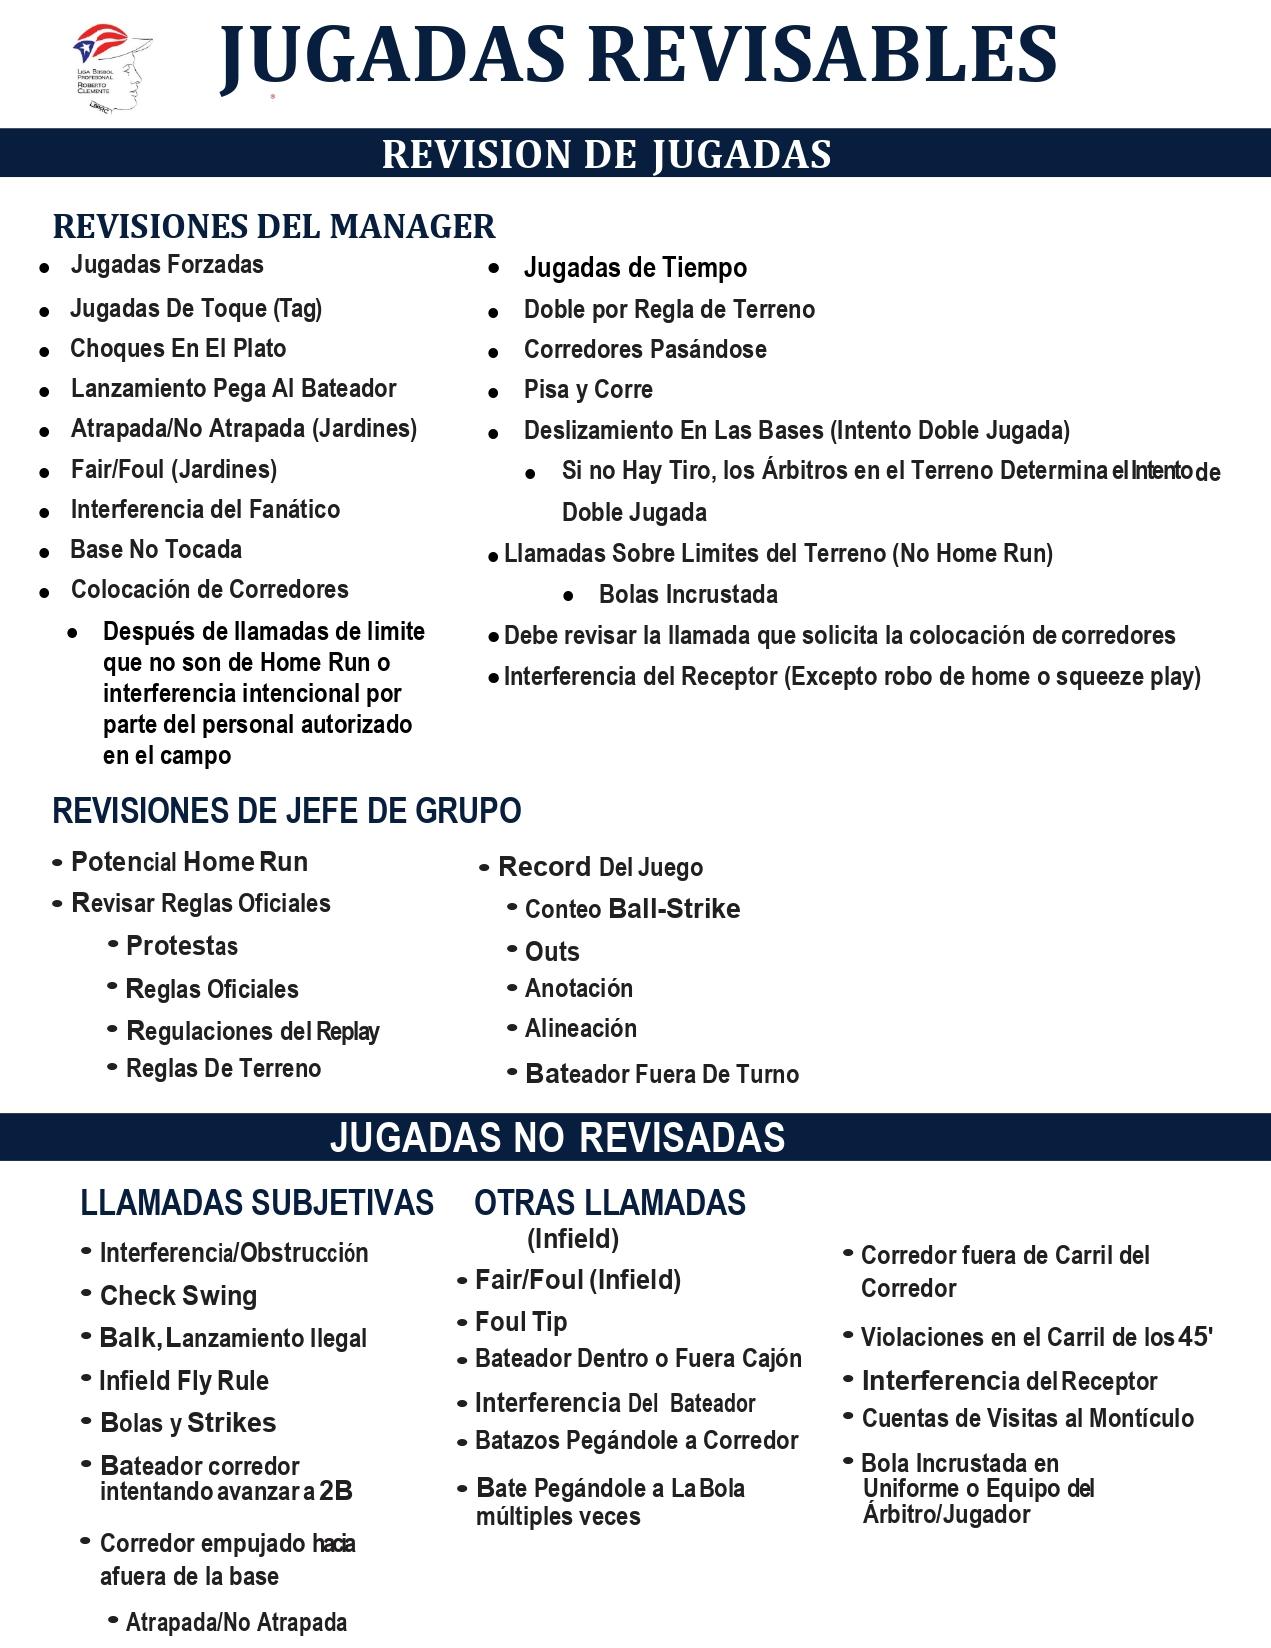 LBPRC – Manual de Jugadas Revisables (Serie Final 2020-2021)_page-0001